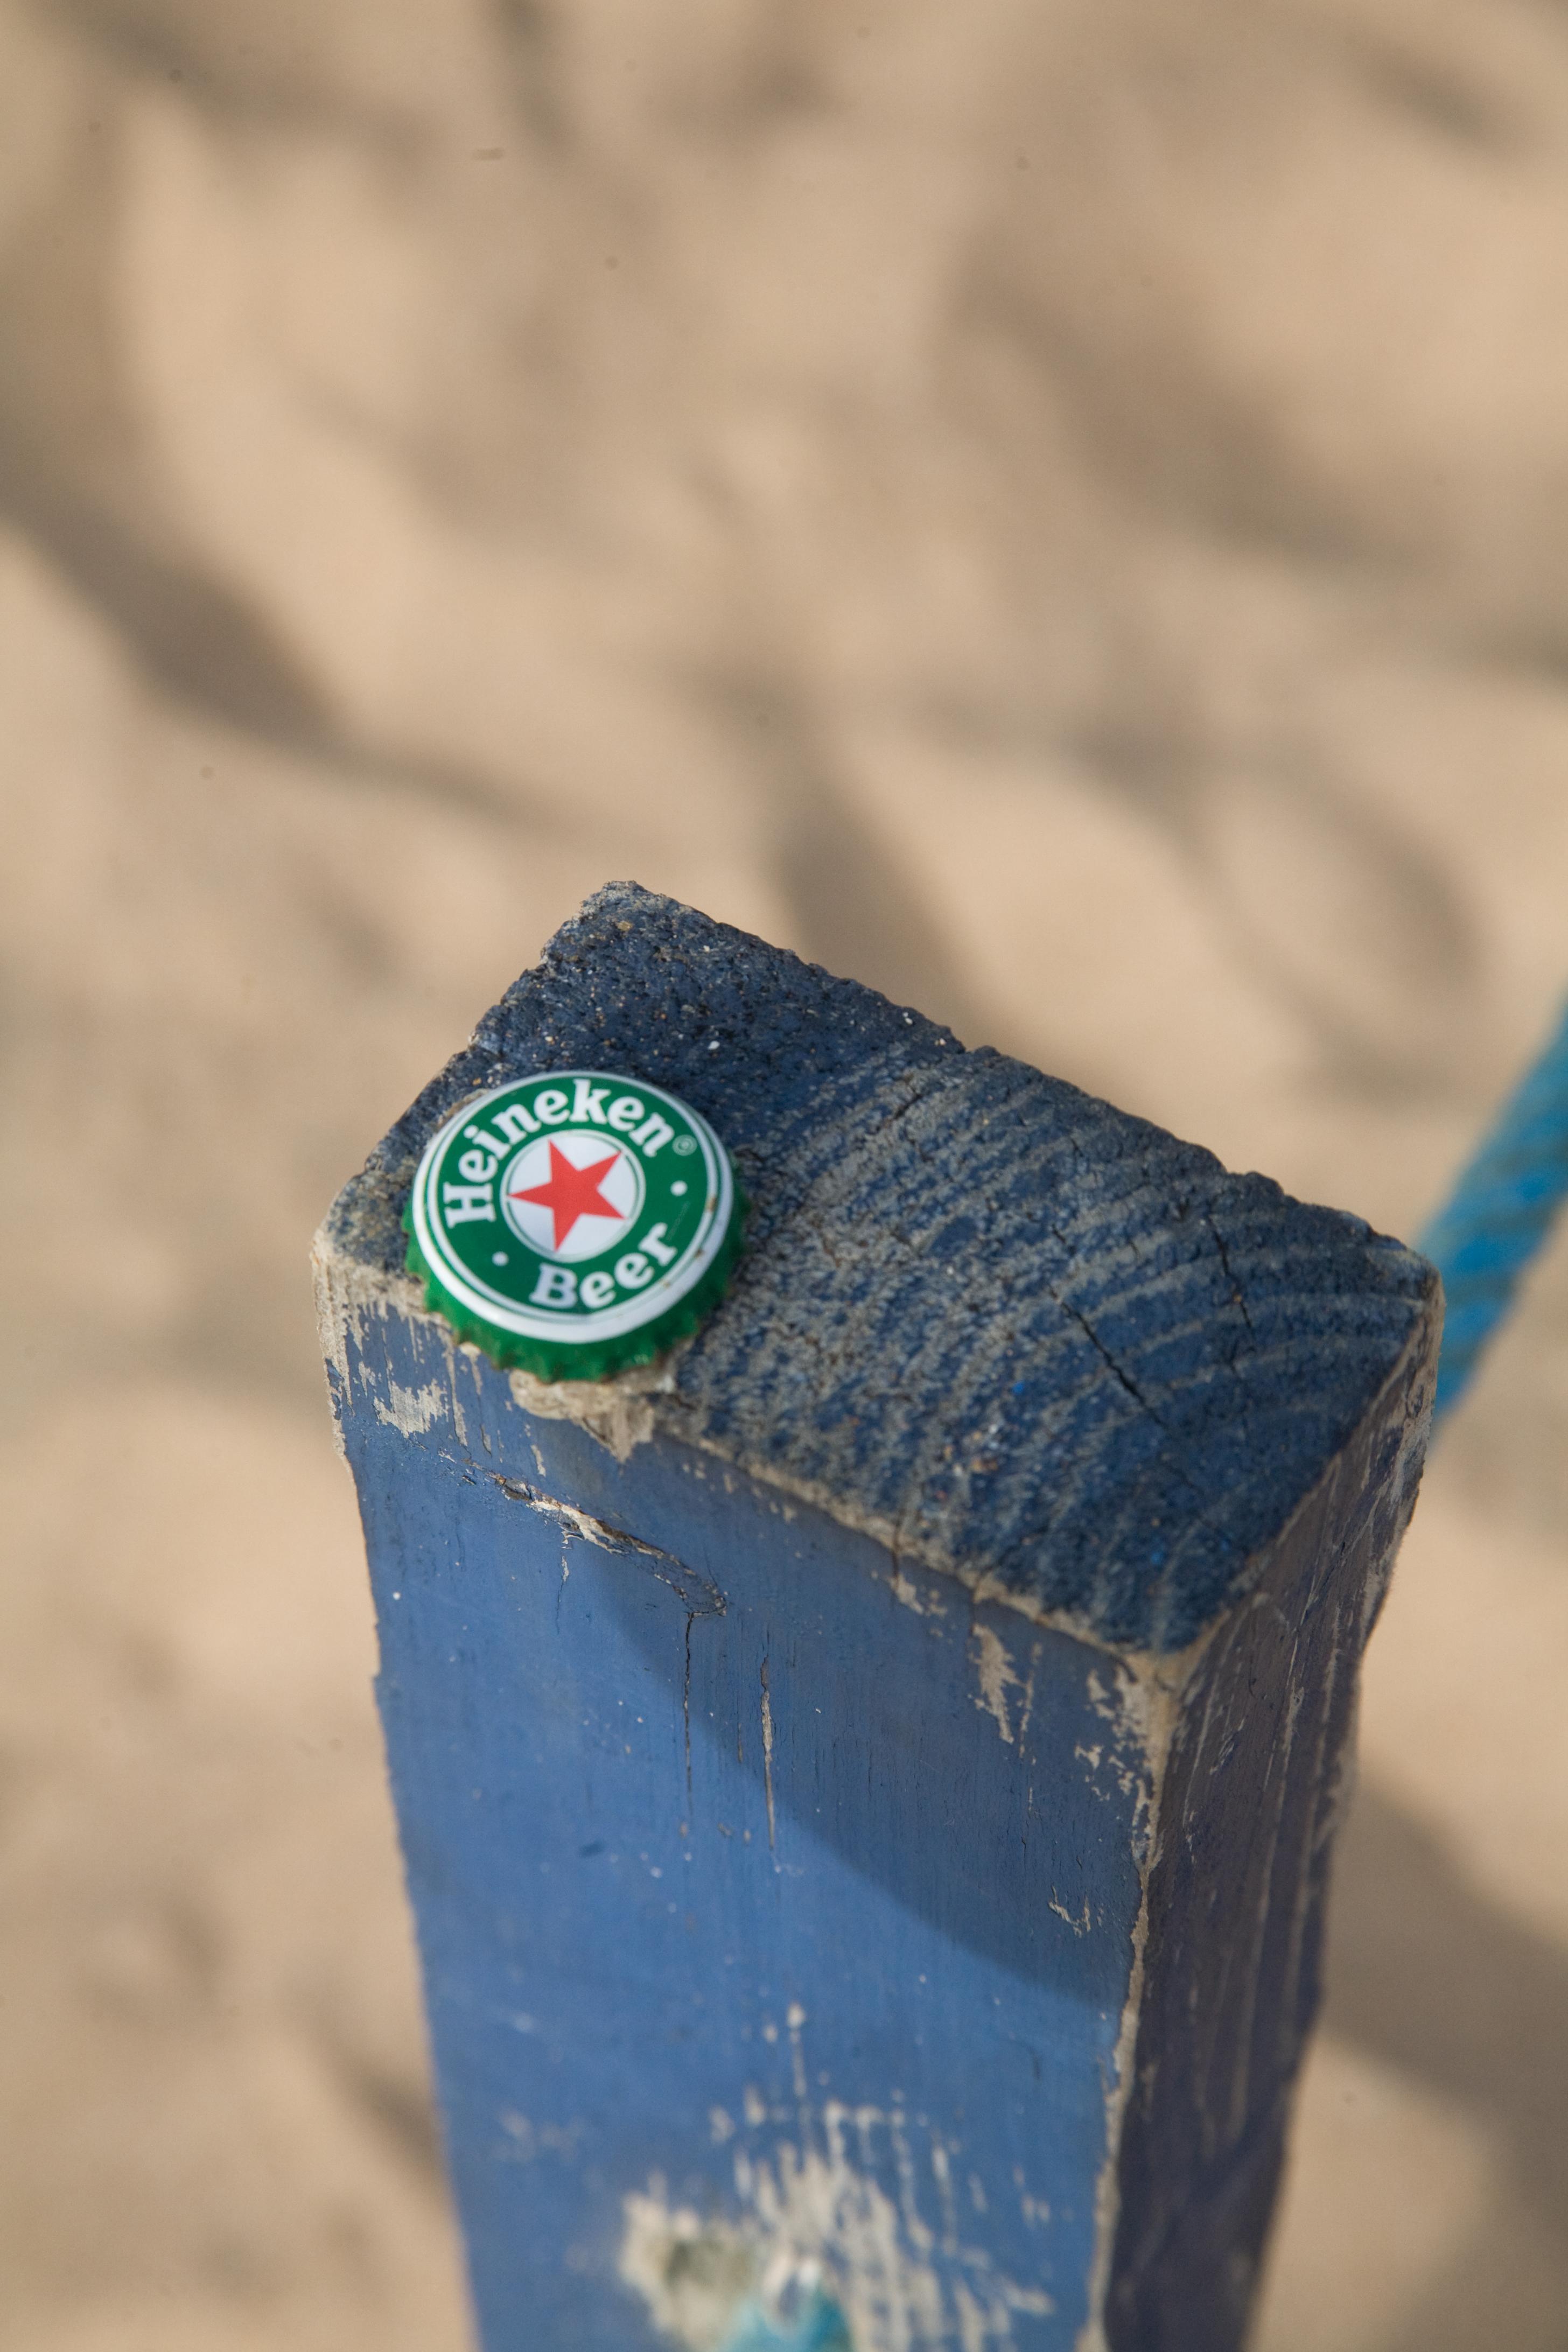 Heineken beer cap photo